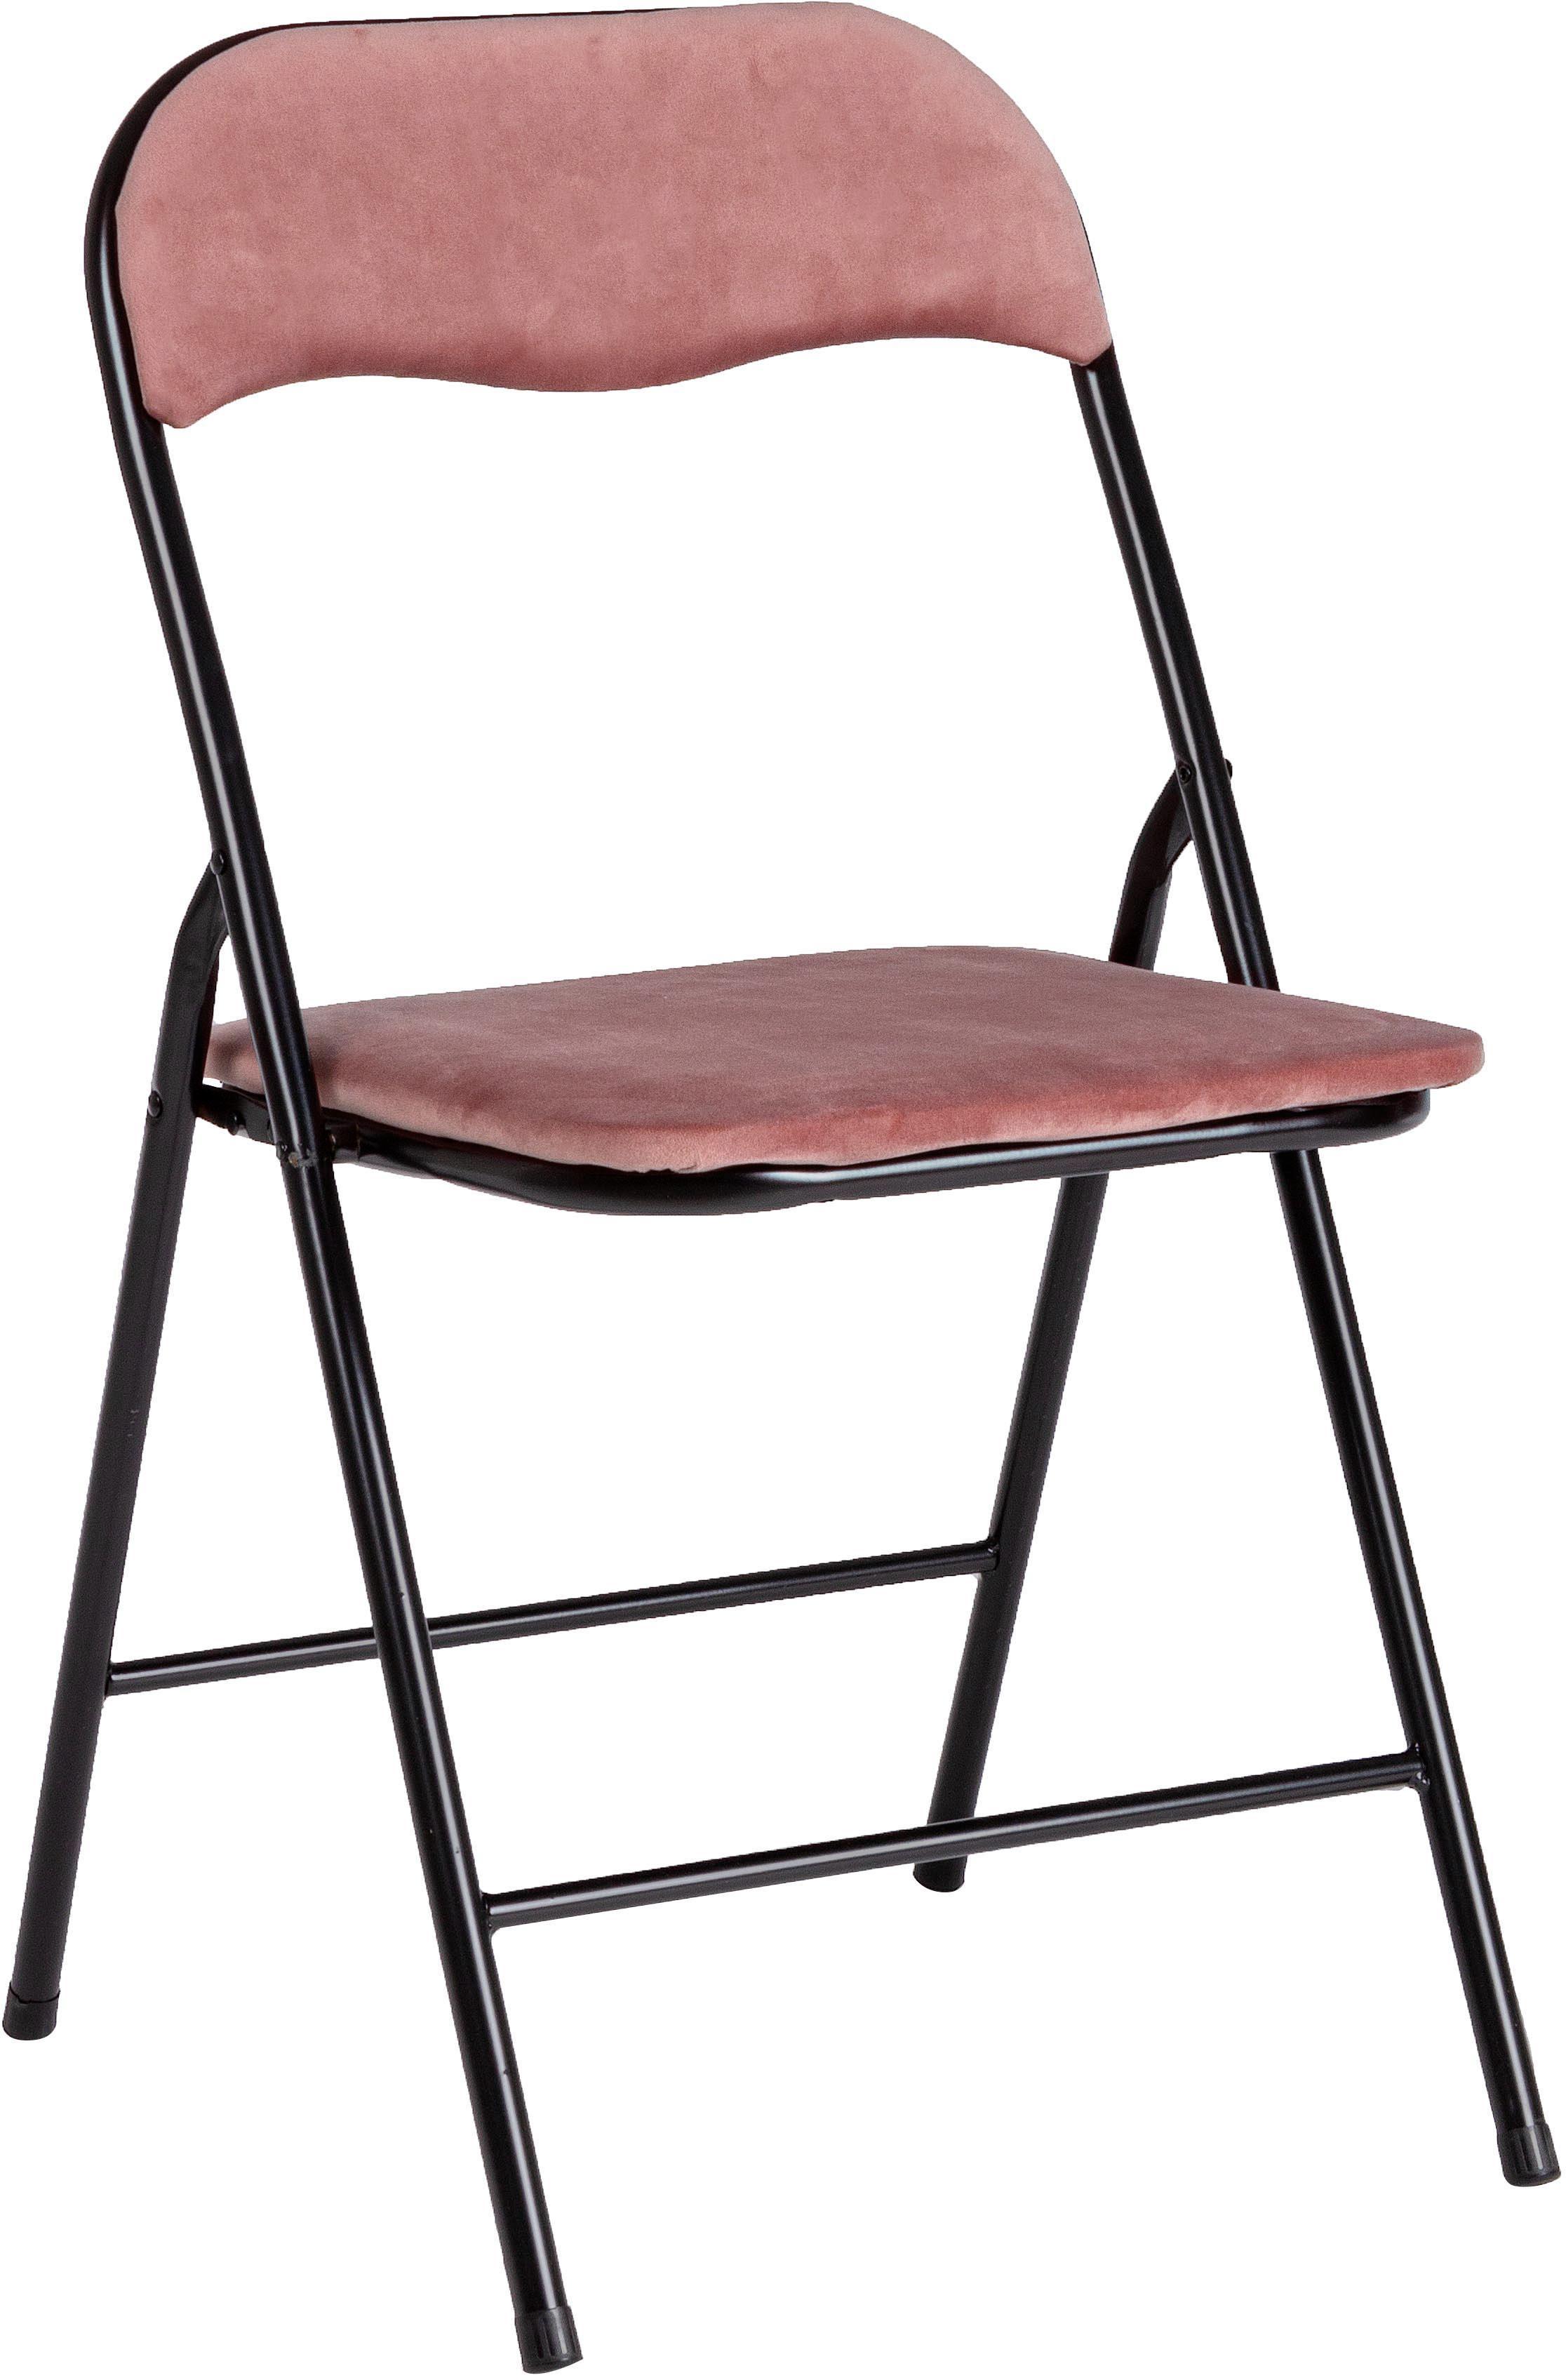 Sedia pieghevole in velluto Amal, Rivestimento: velluto di poliestere, Struttura: metallo verniciato a polv, Rosa, nero, Larg. 44 x Prof. 44 cm